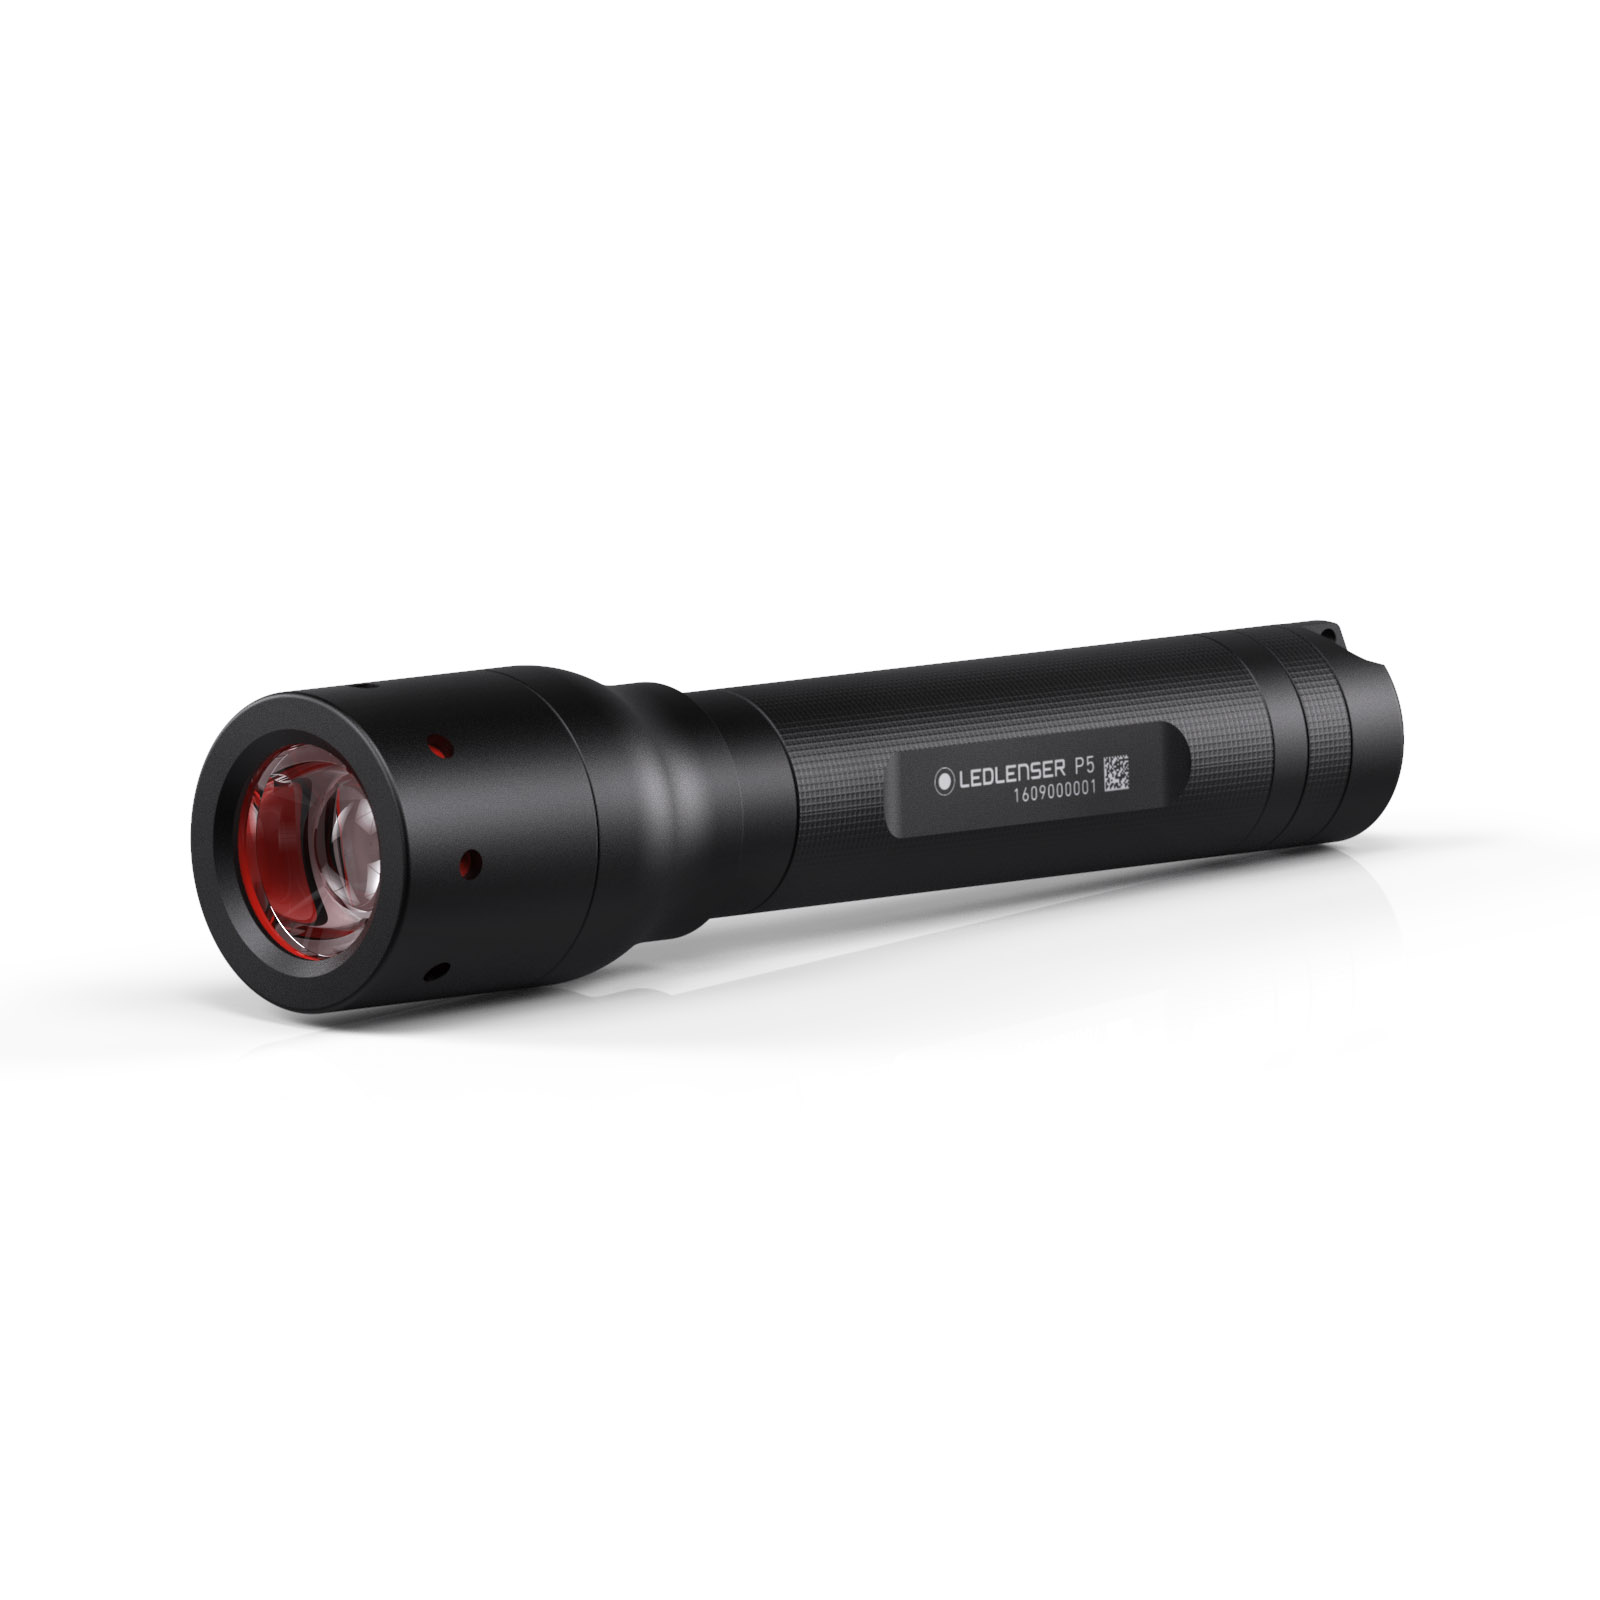 Ledlenser P5 fokussierbare Power LED-Taschenlampe (Gen. 2017) 500895